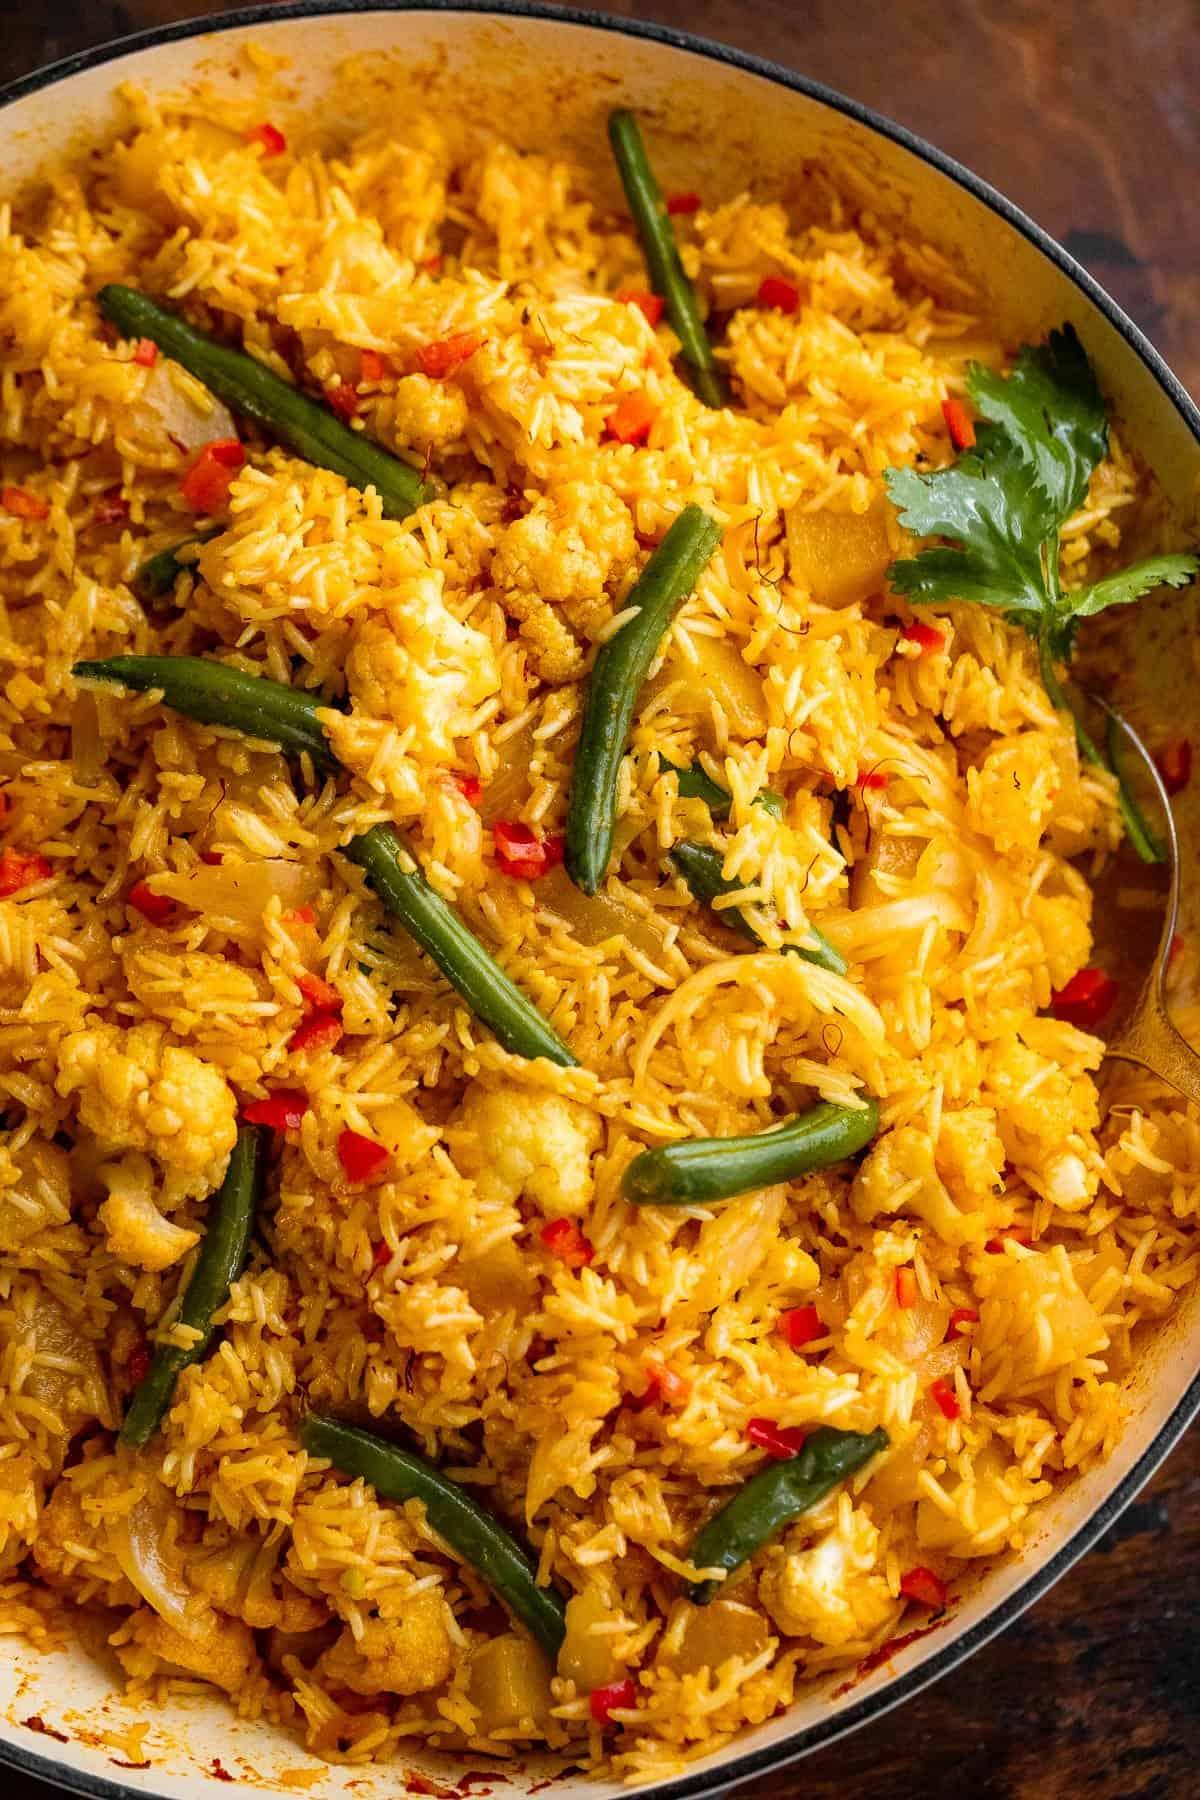 Vegetable Biryani Rice in a white baking dish